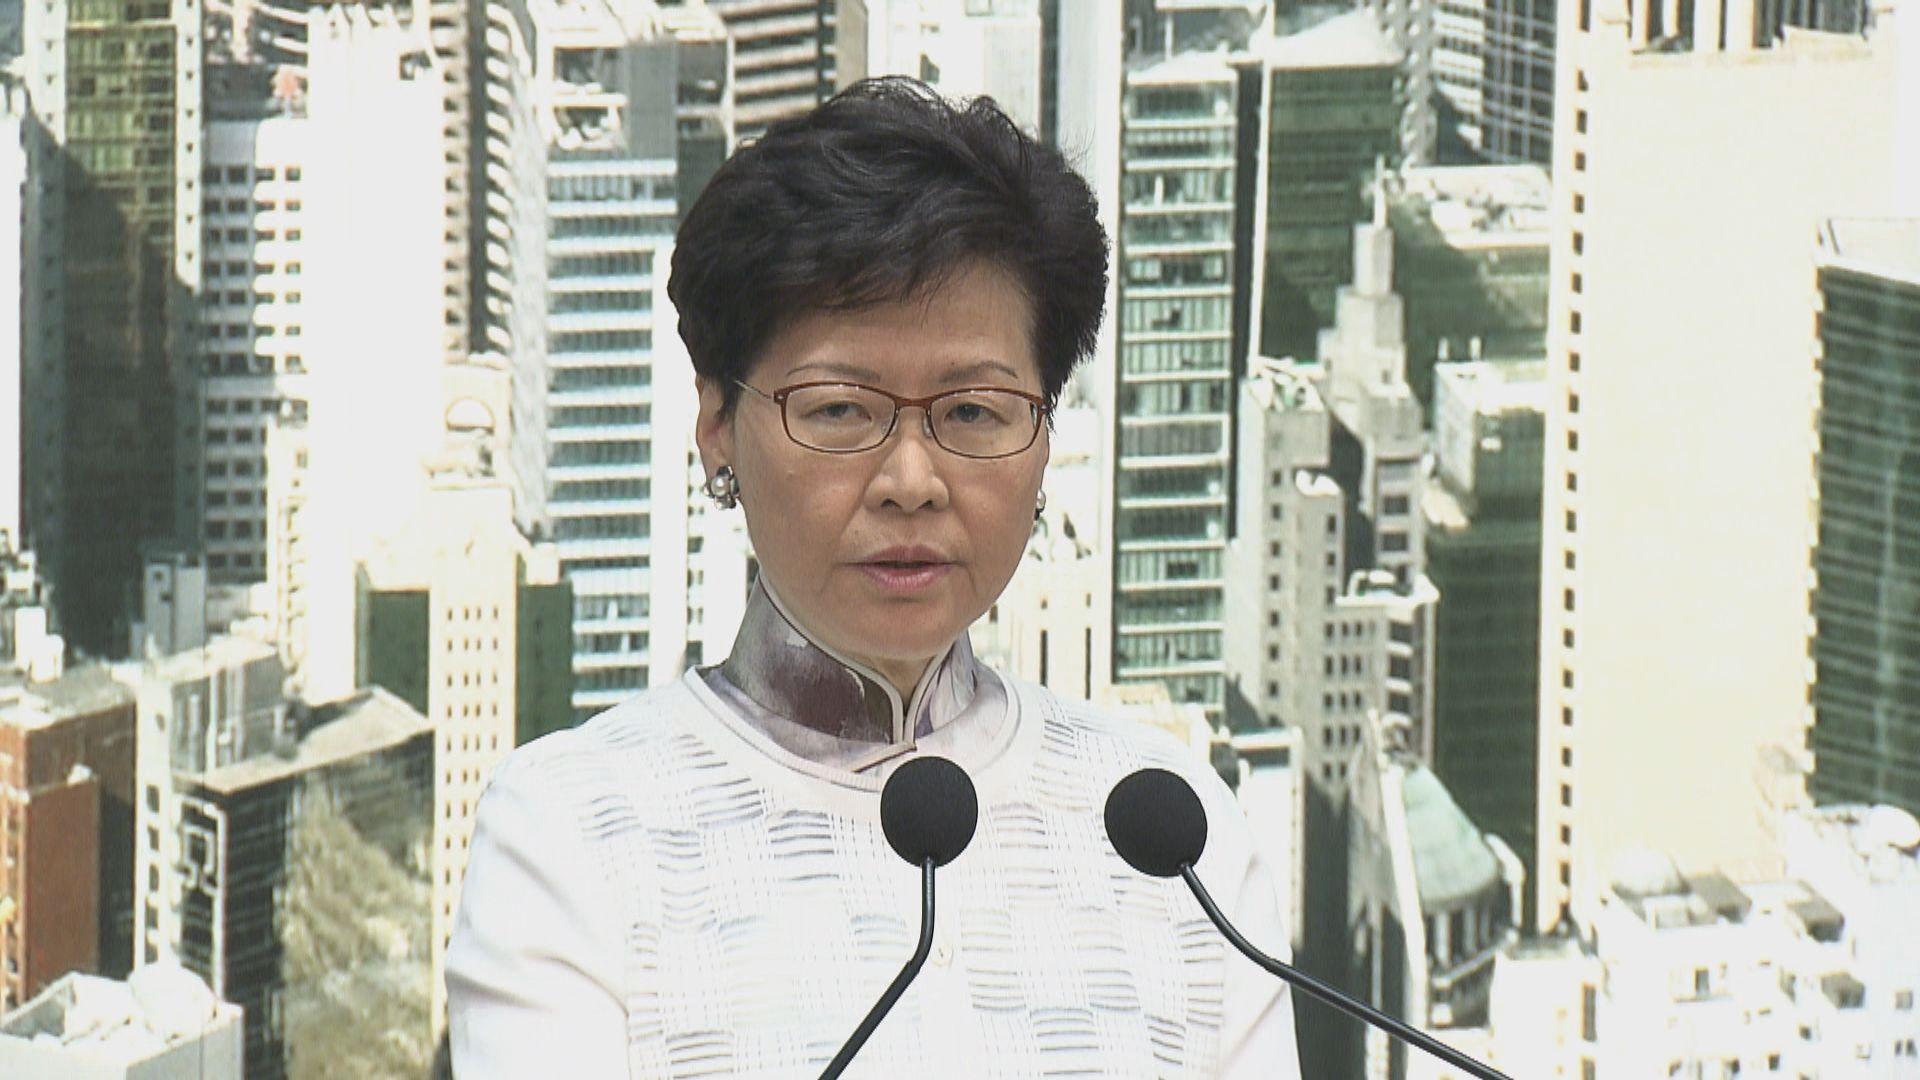 【最新】林鄭月娥宣布暫緩修訂逃犯條例